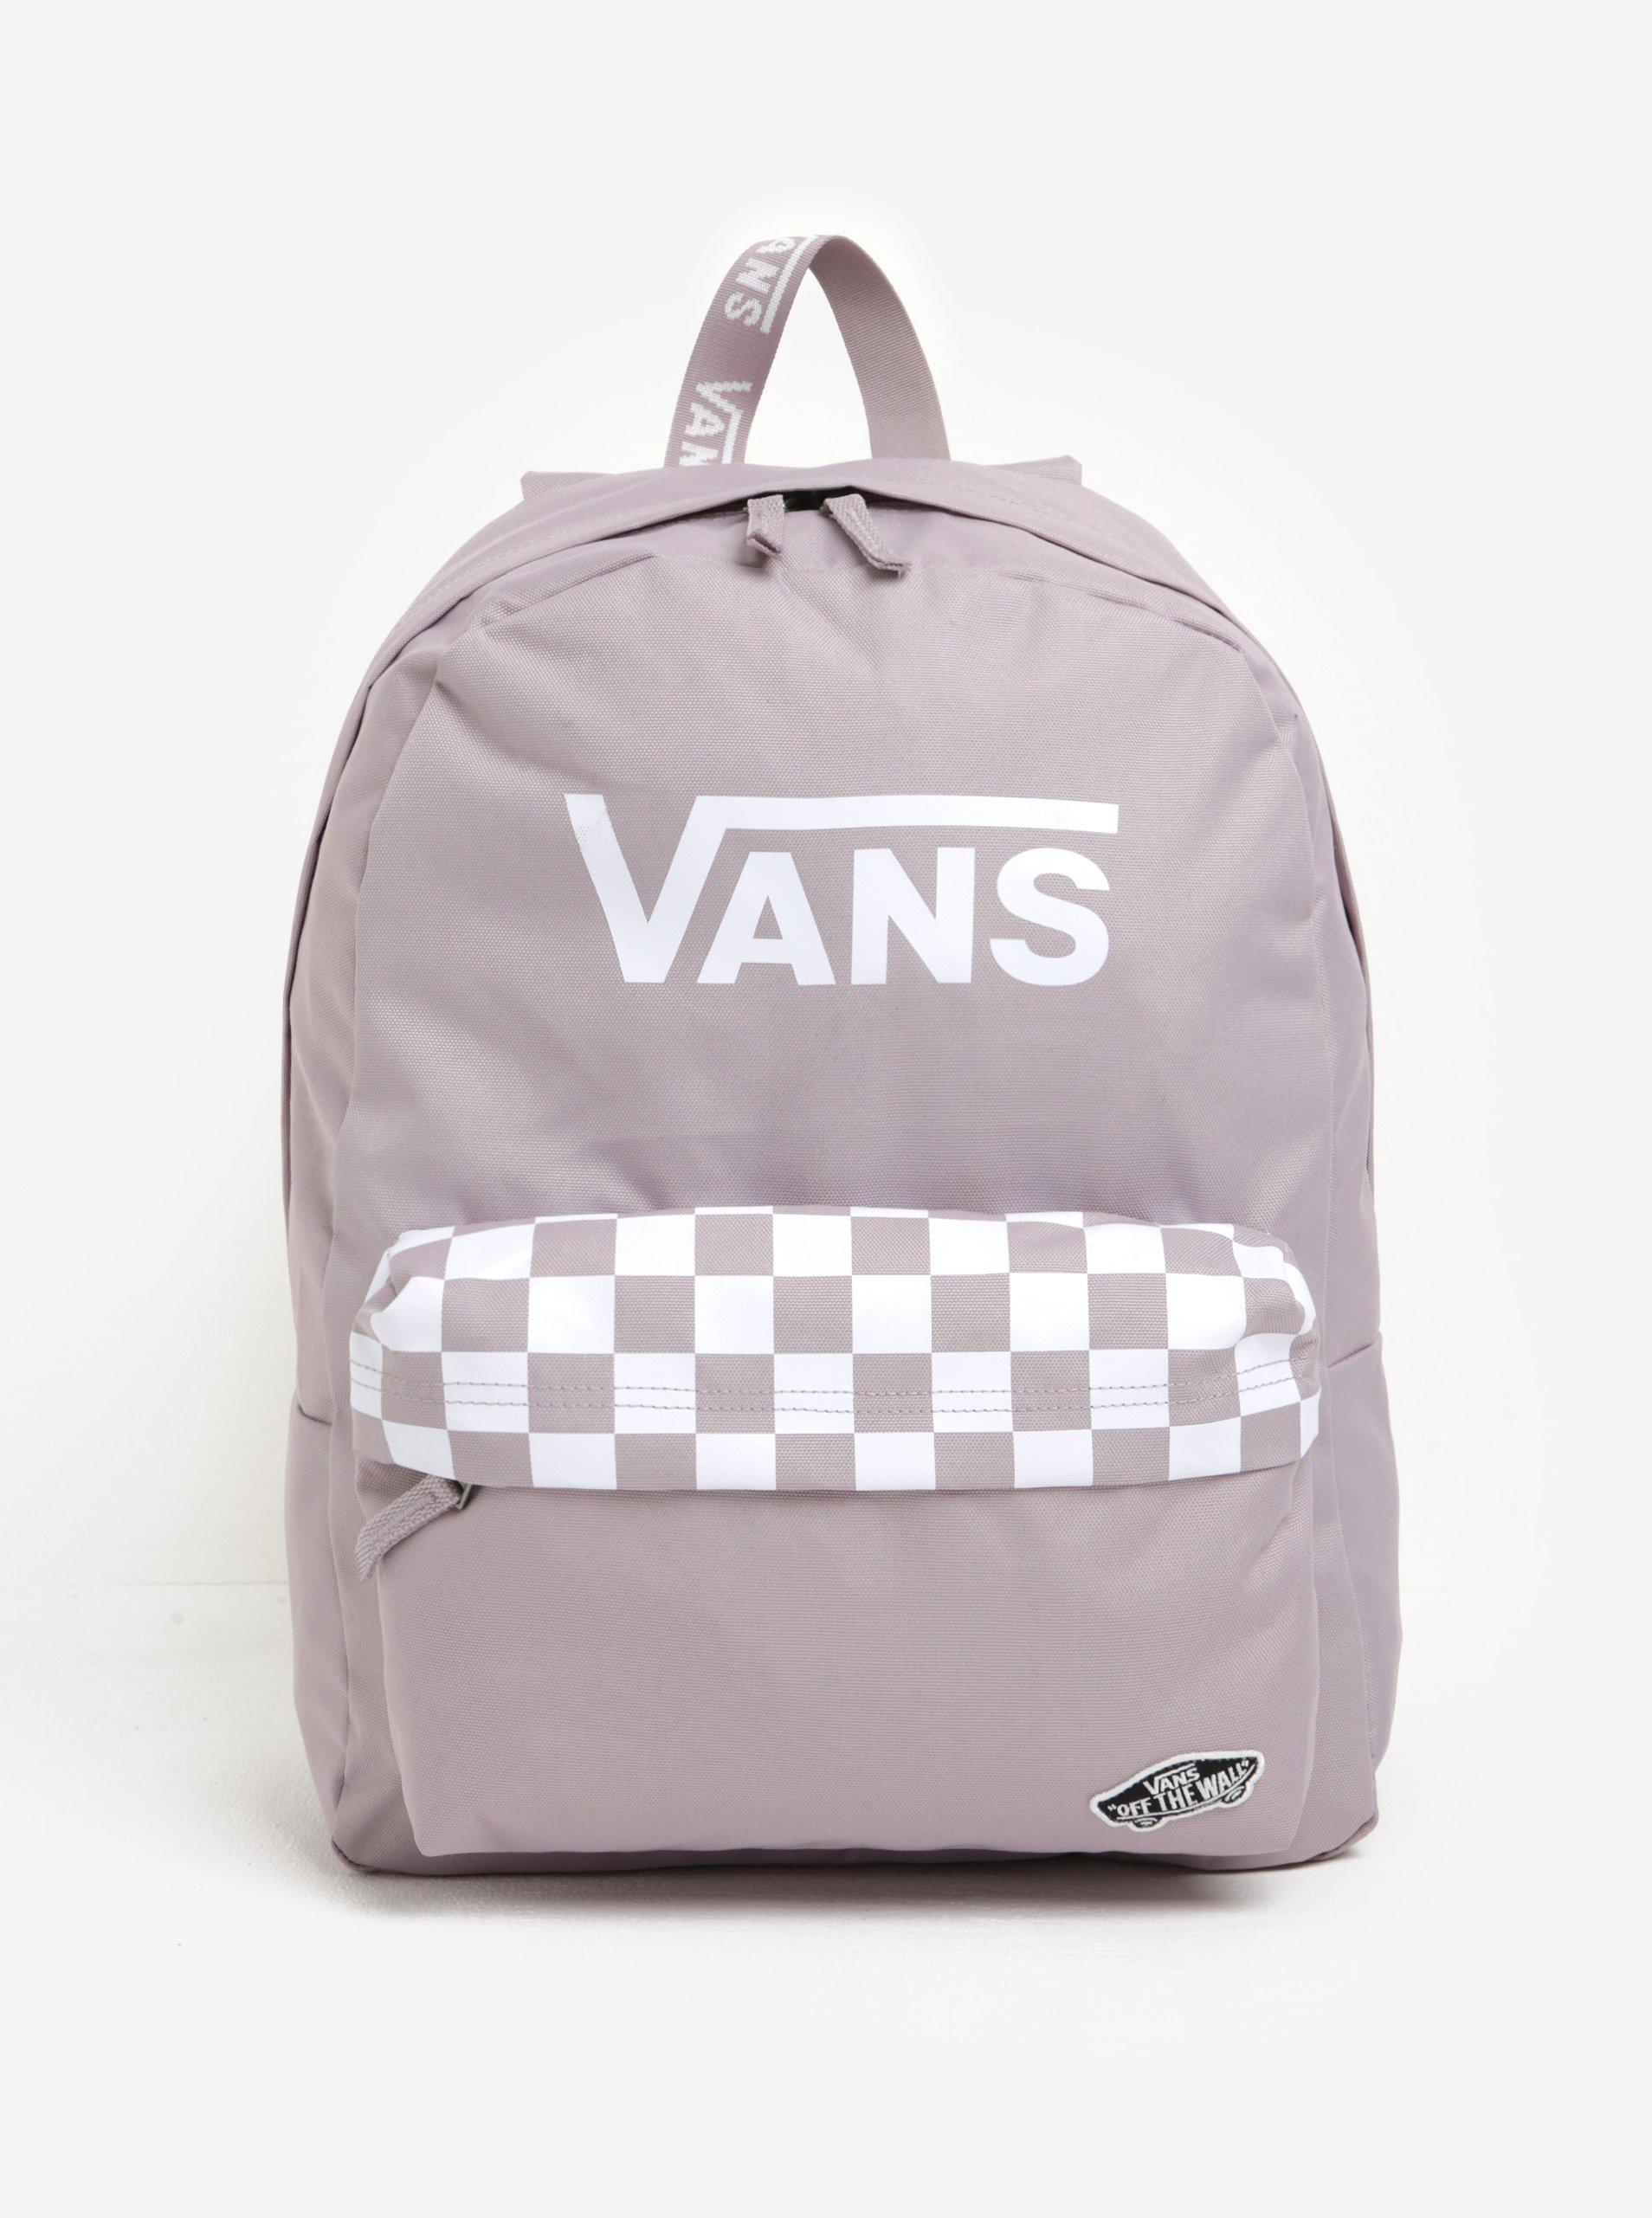 Růžový dámský batoh s potiskem VANS Sporty Realm 22l – ŽENY   Kabelky a6e07bb9e1